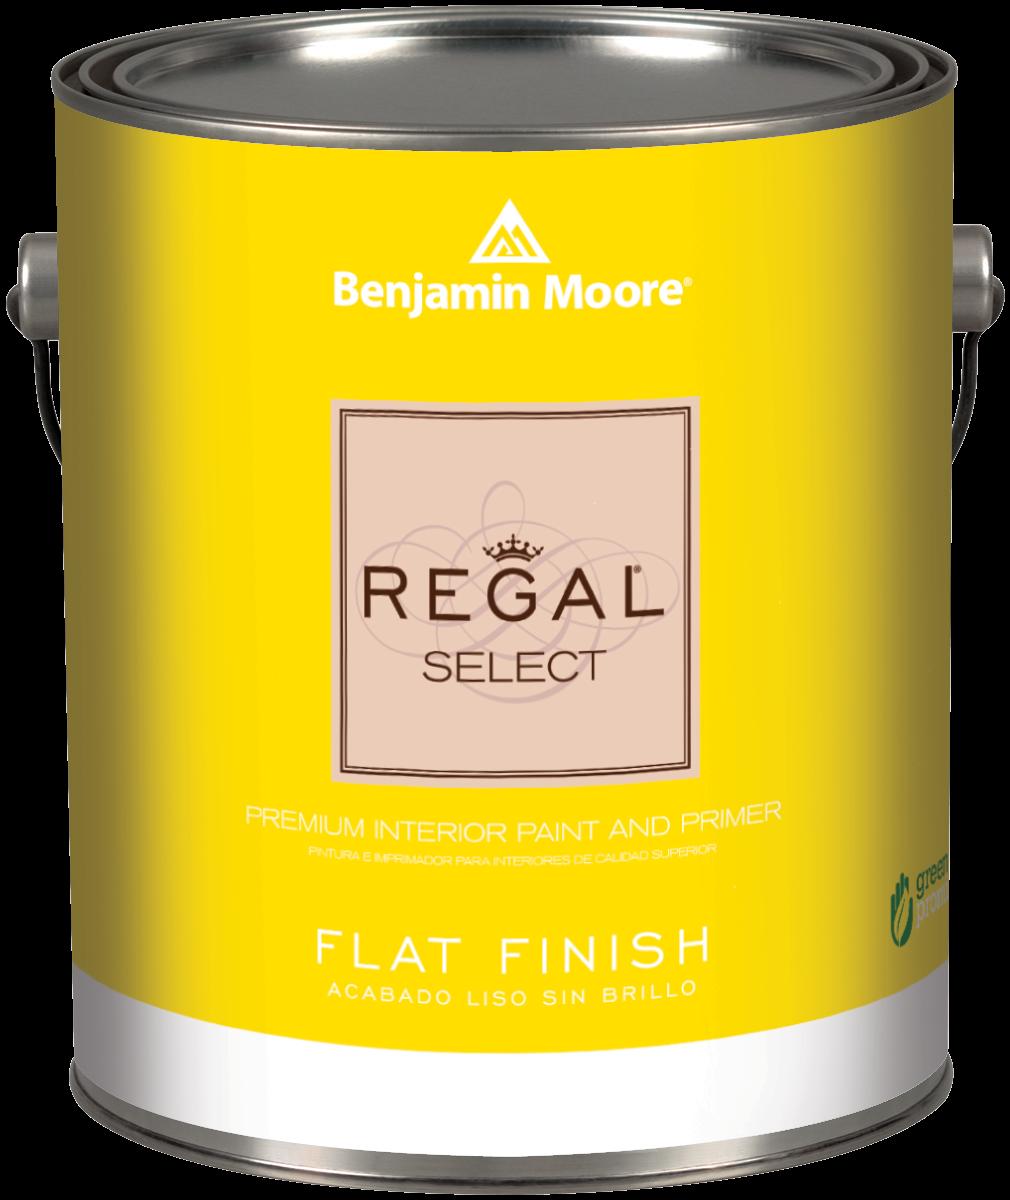 Benjamin Moore Regal Select Flat Paint Grosse Ile Hardware Store